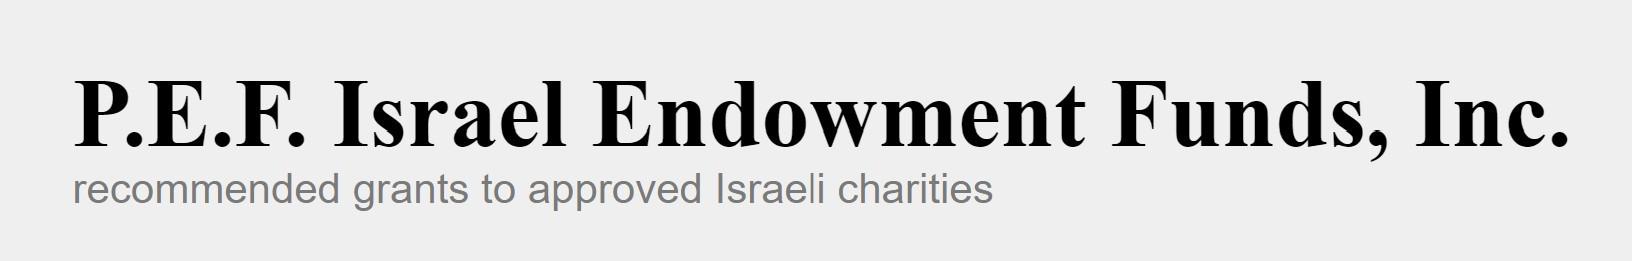 PEF israel endowments.jpg